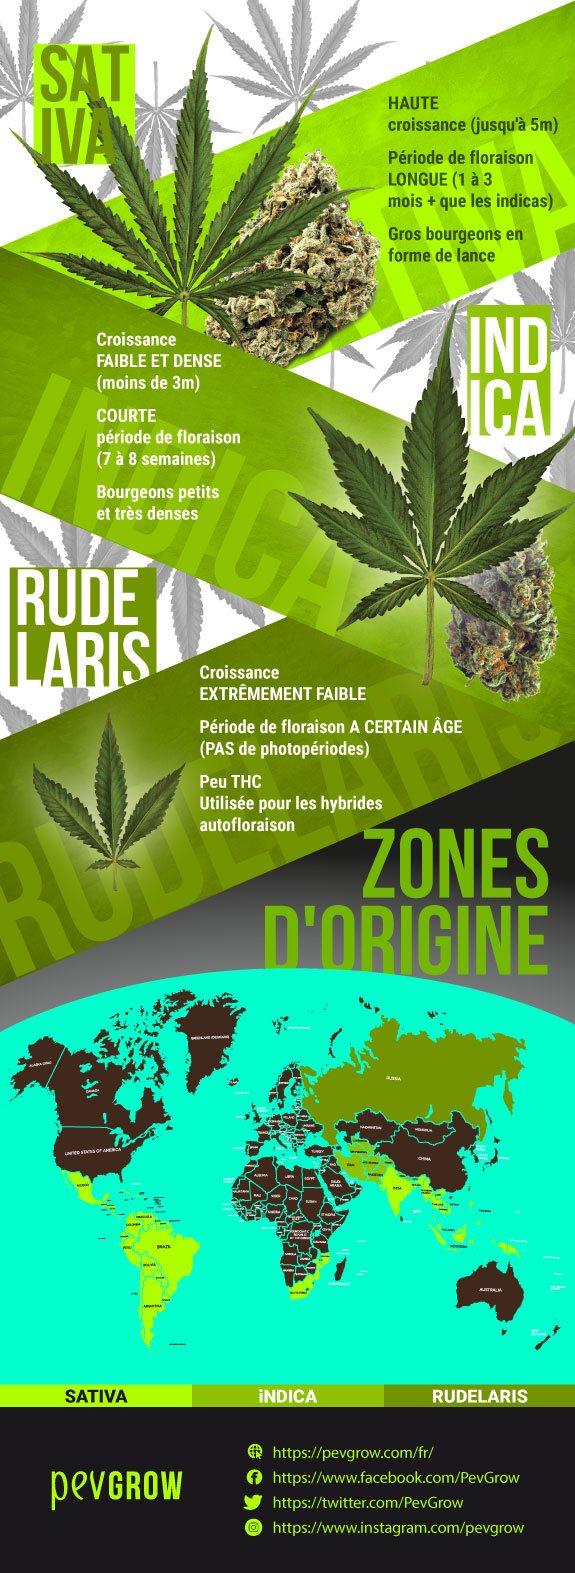 Les espèces incluses dans Cannabis sont Cannabis sativa, Cannabis indica et Cannabis ruderalis